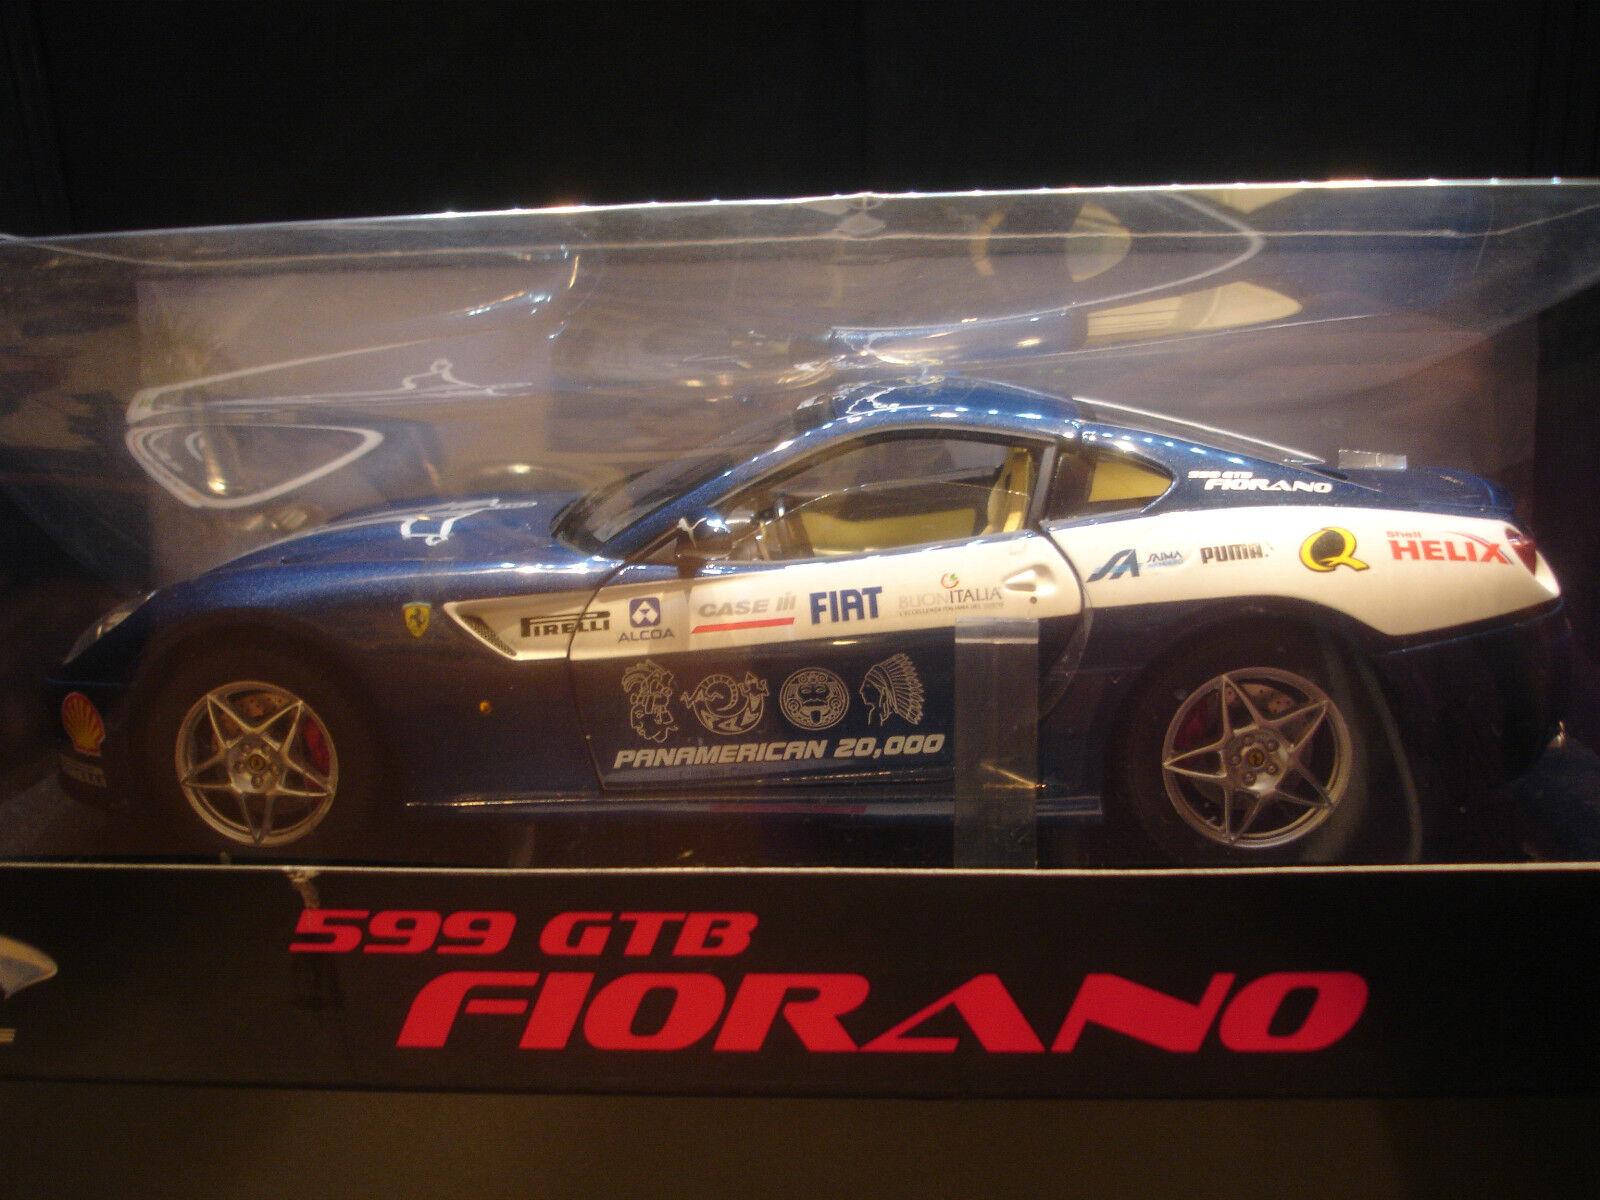 Ferrari 599 Gtb Fiorano Panamerican 20000 Hot Wheels Wheels Wheels Elite 1 18 2ba716